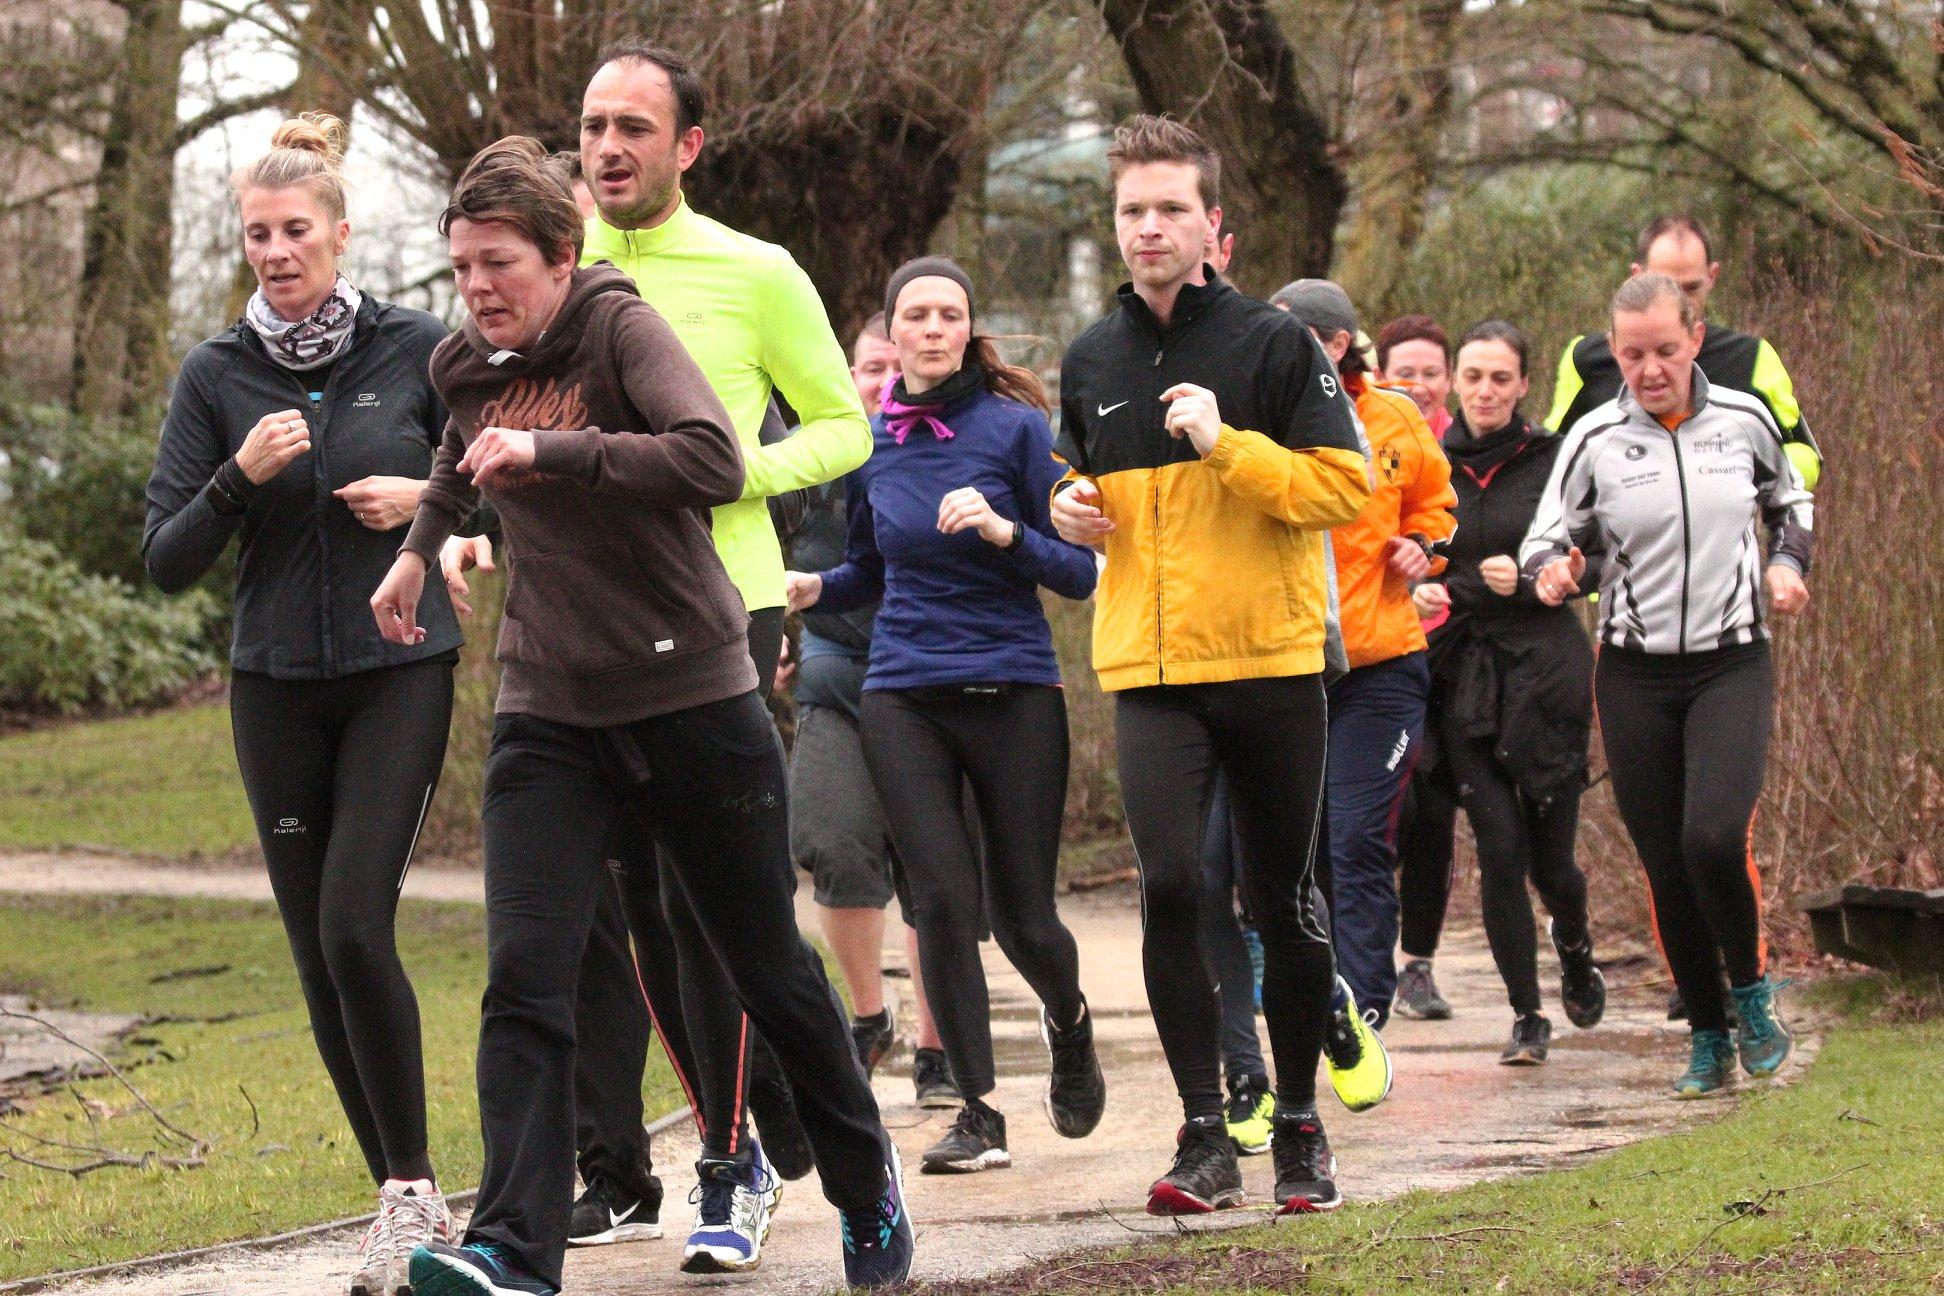 Steun Kom op tegen kanker en Team Running Store tijdens de 100km KOTK!